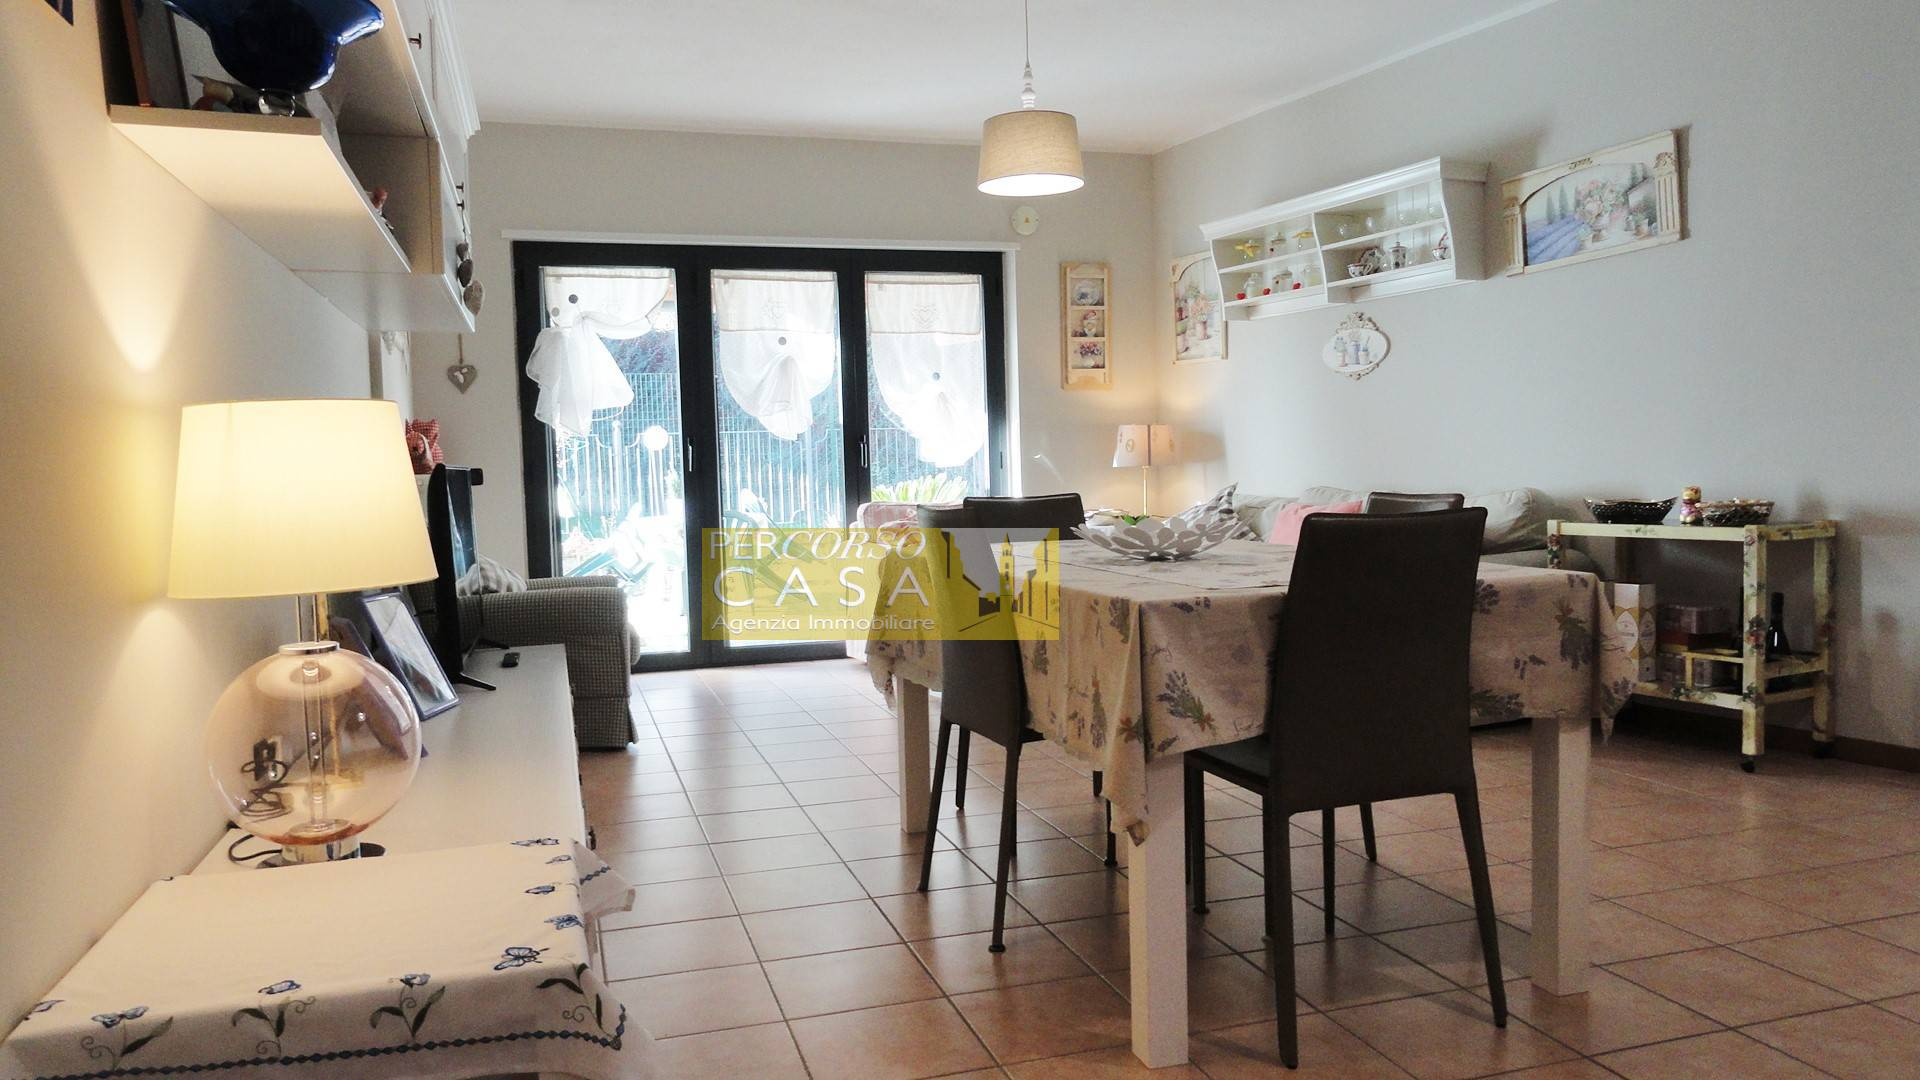 Appartamento in vendita a Teramo, 4 locali, zona Località: Scapriano, prezzo € 129.000 | PortaleAgenzieImmobiliari.it